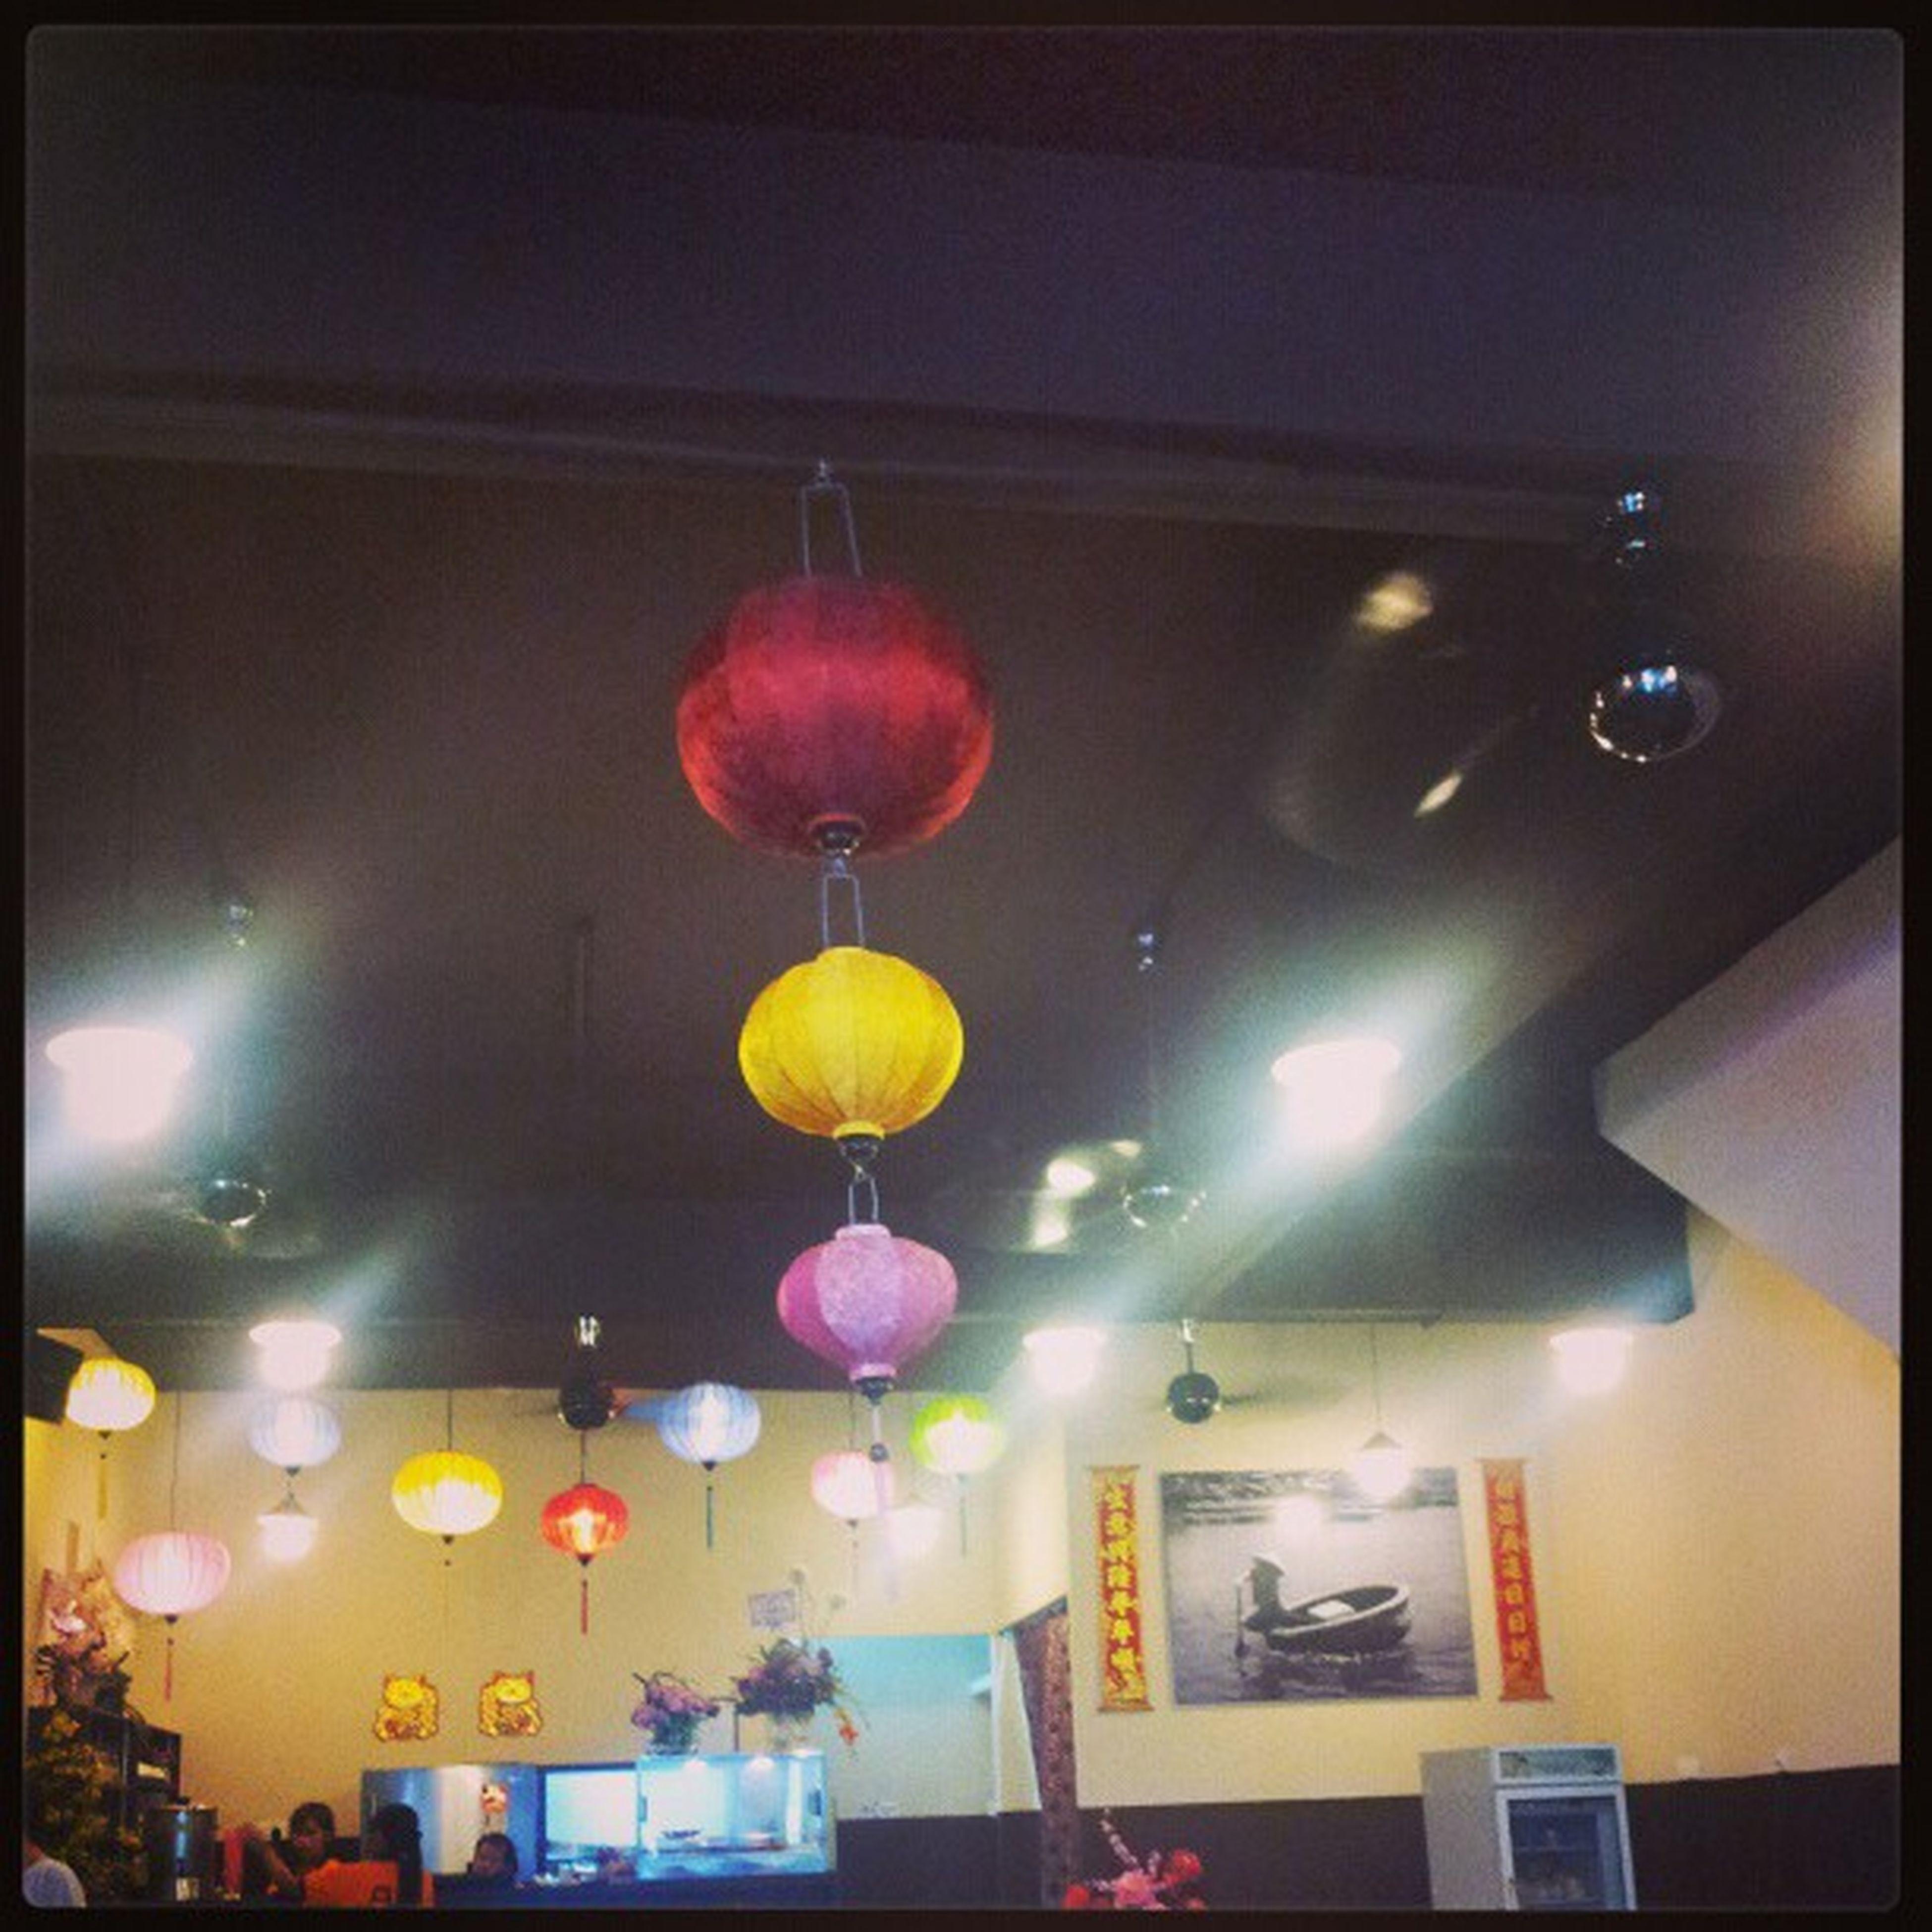 Saigon cafe!